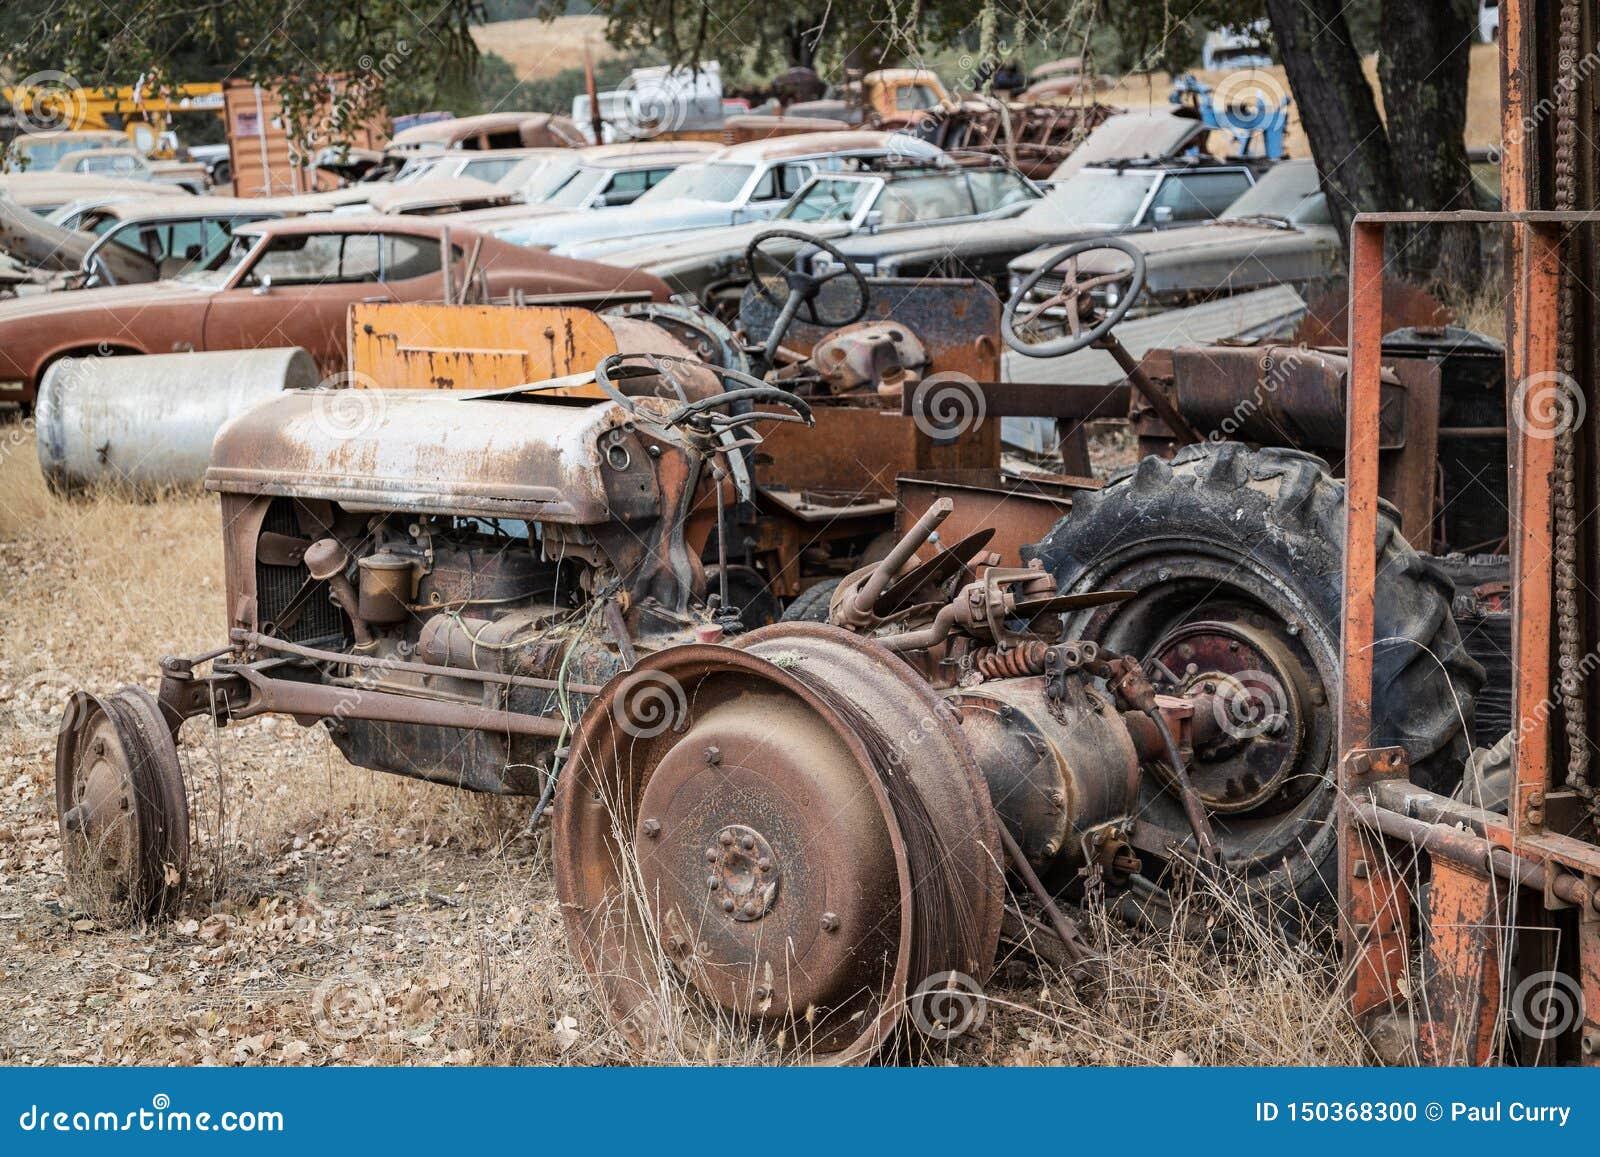 Junker Relics Ole Tractor & Scrap